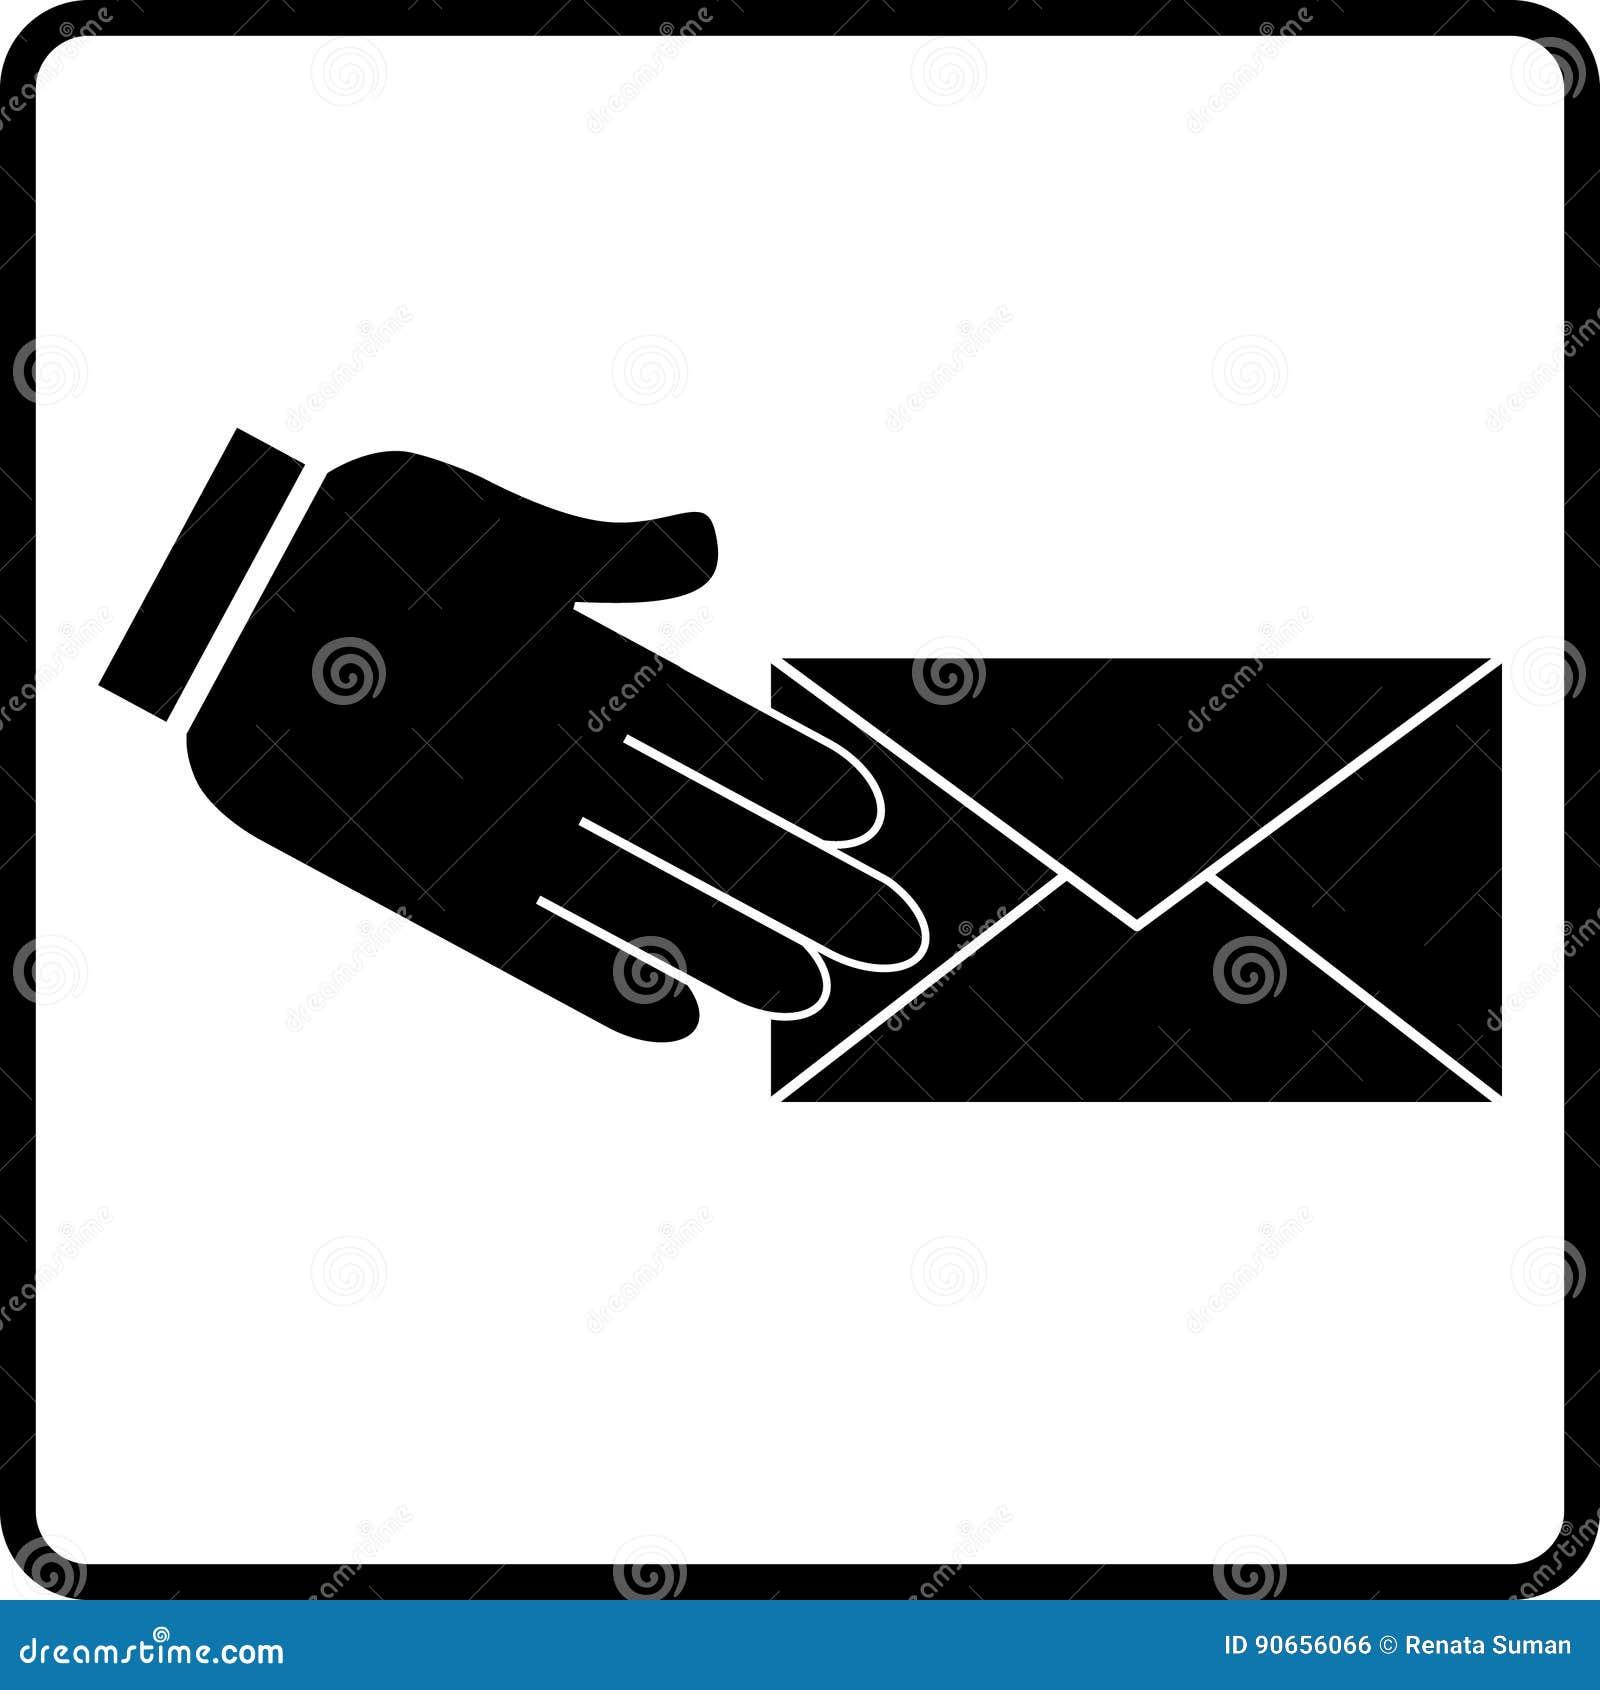 E-mailenvelop met hand